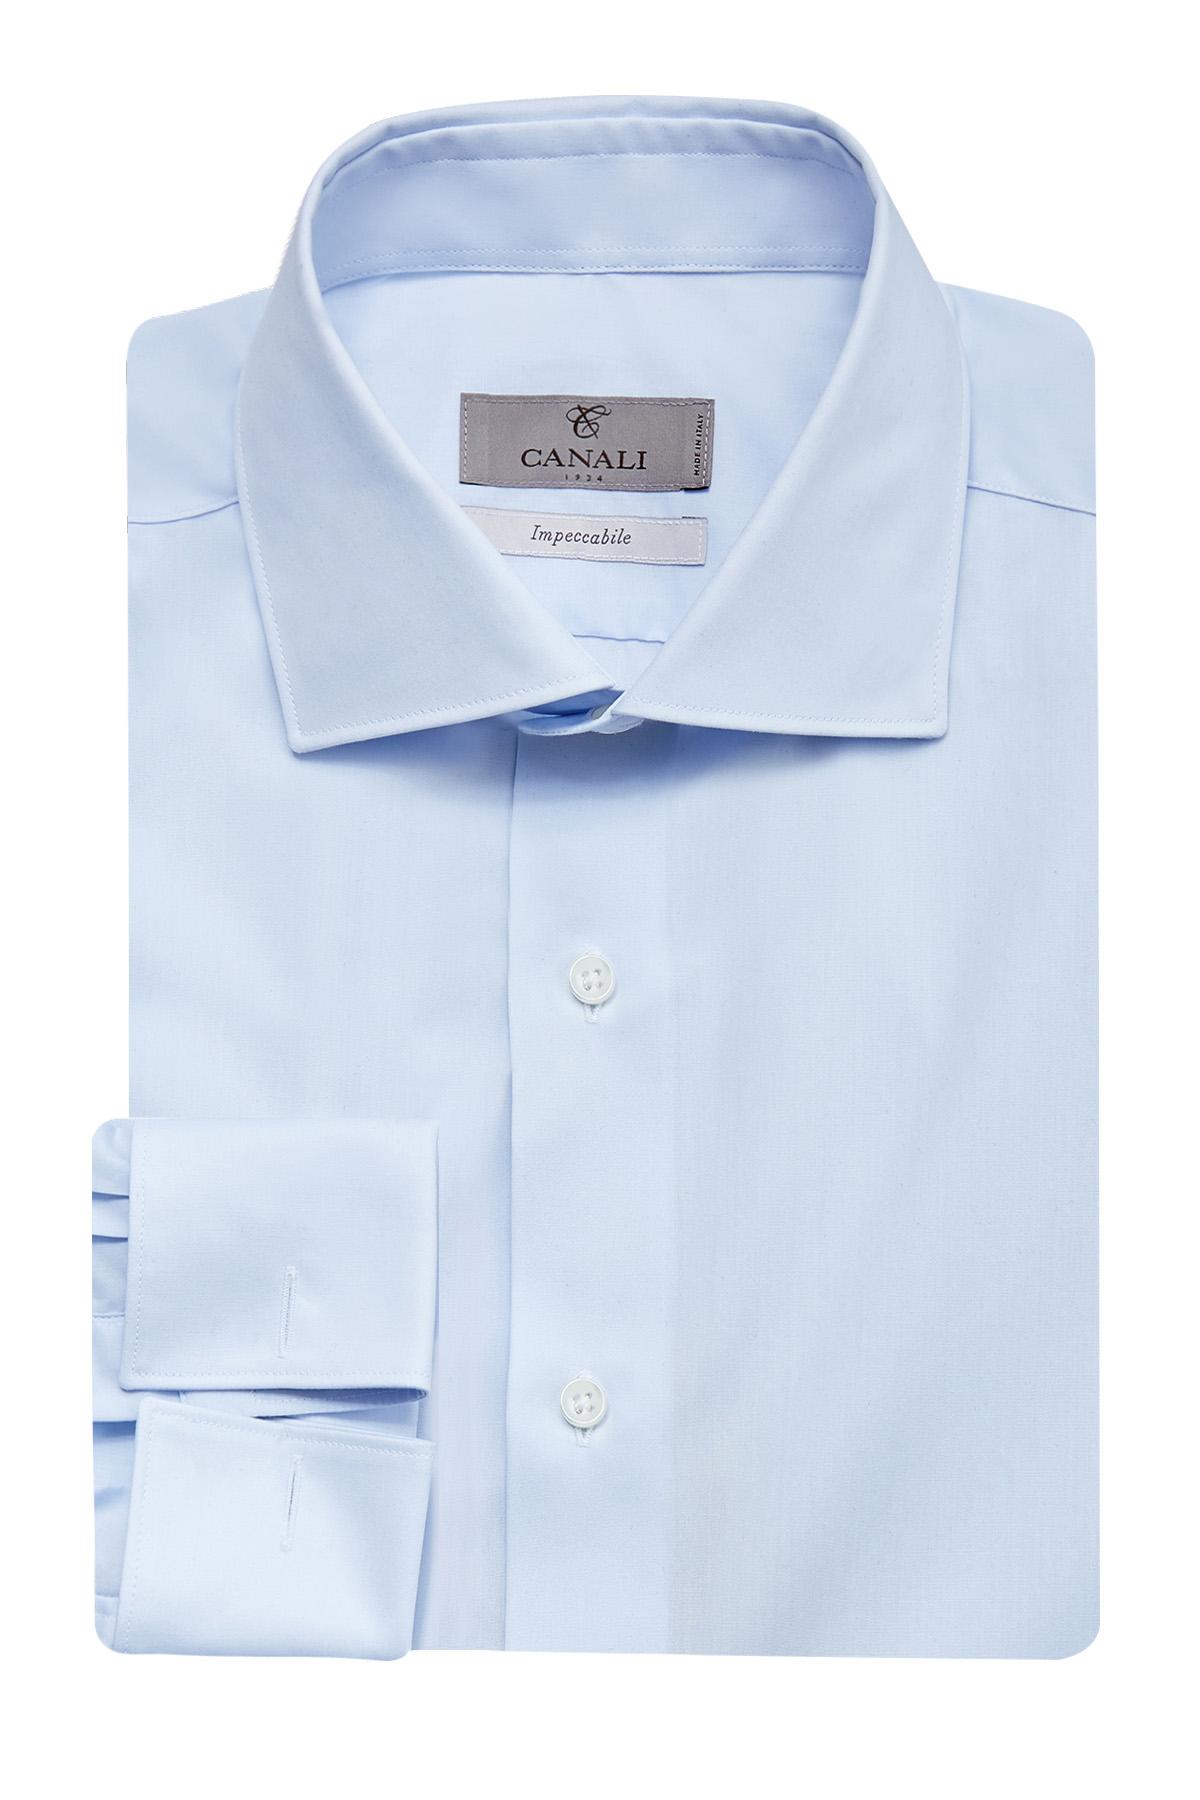 Рубашка из хлопка Impeccabile с манжетами под запонки